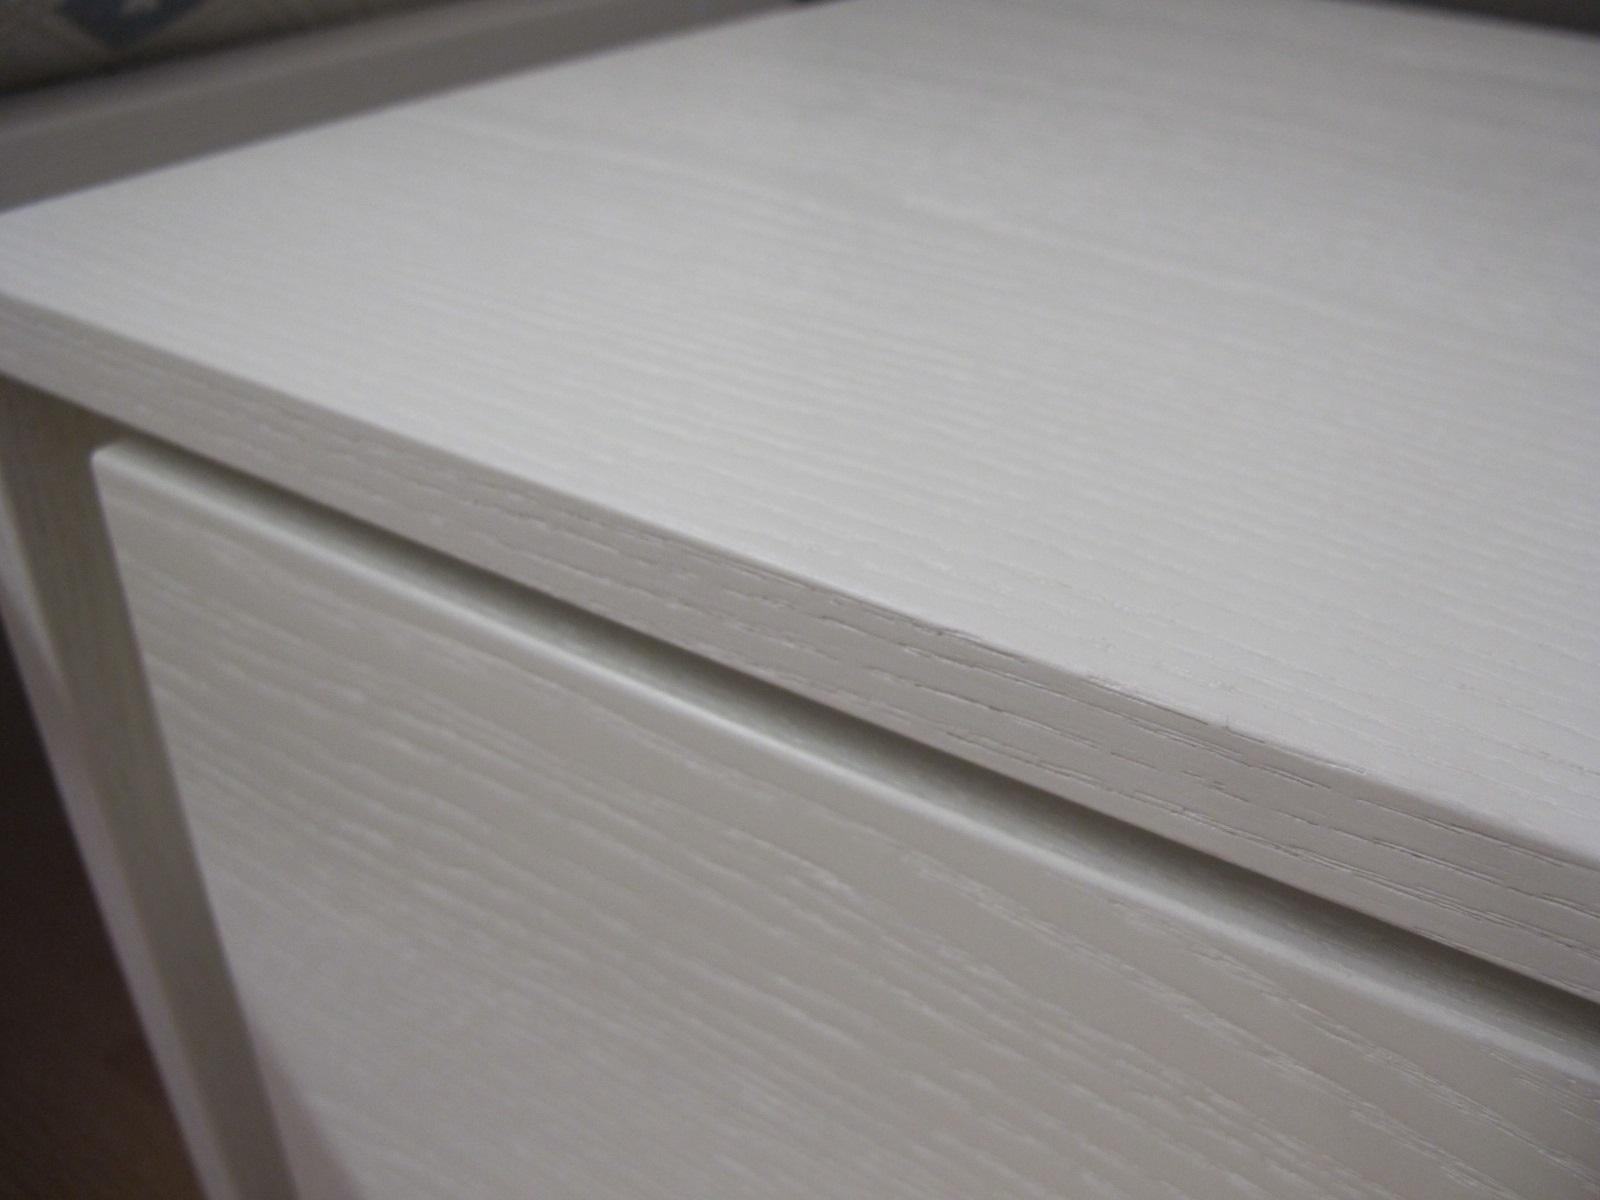 Orme gruppo letto in legno laccato scontato 40 camere a prezzi scontati - Letto in legno bianco ...